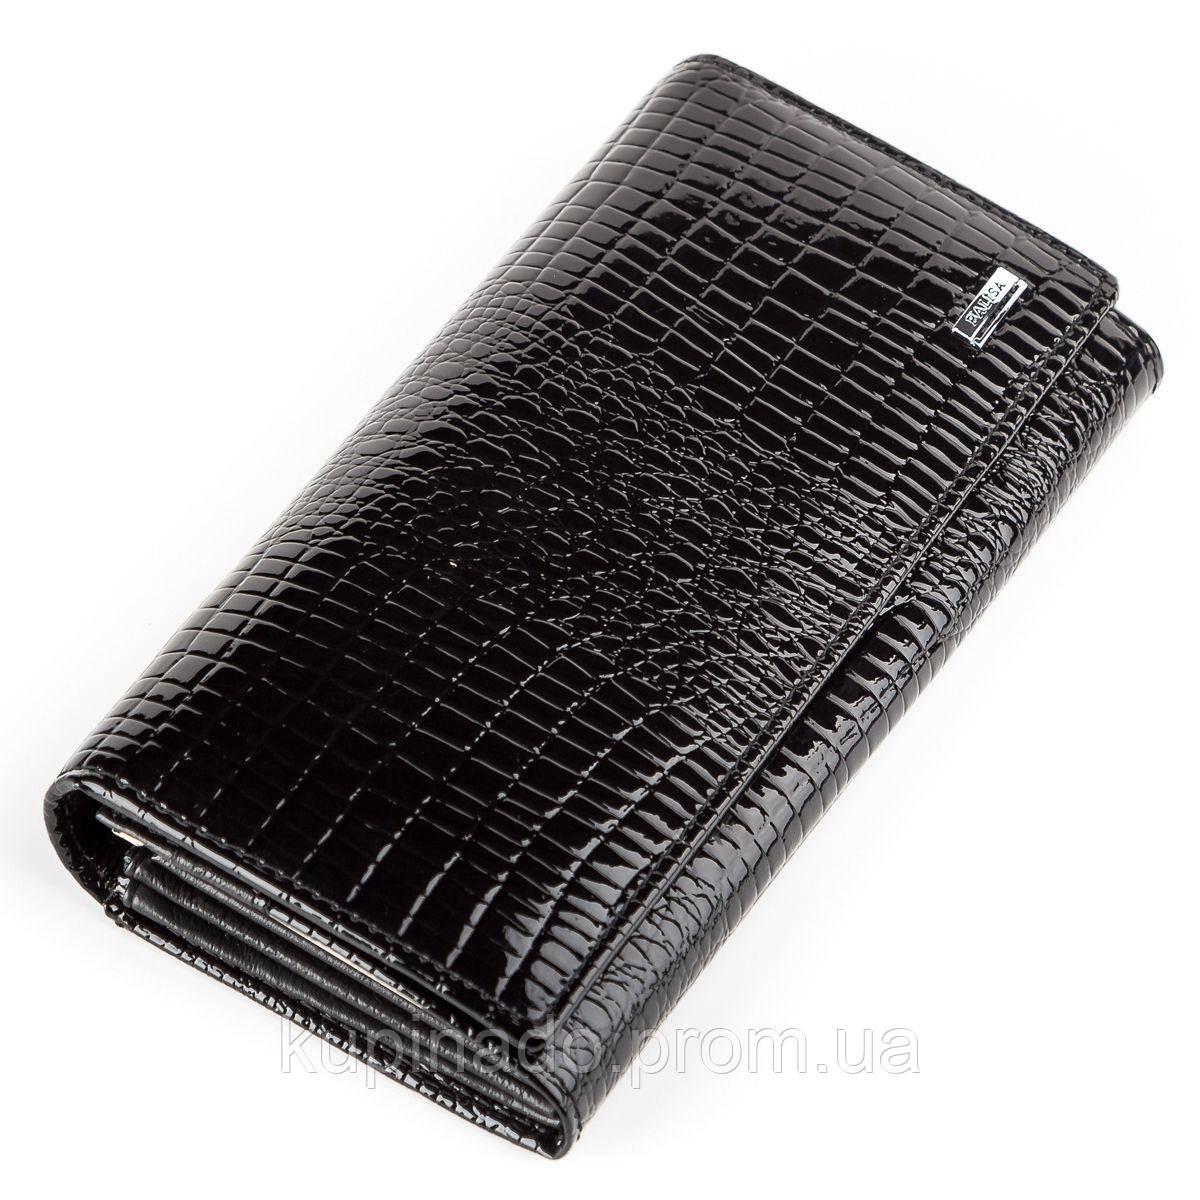 Кошелек женский BALISA 13853 кожаный Черный, Черный